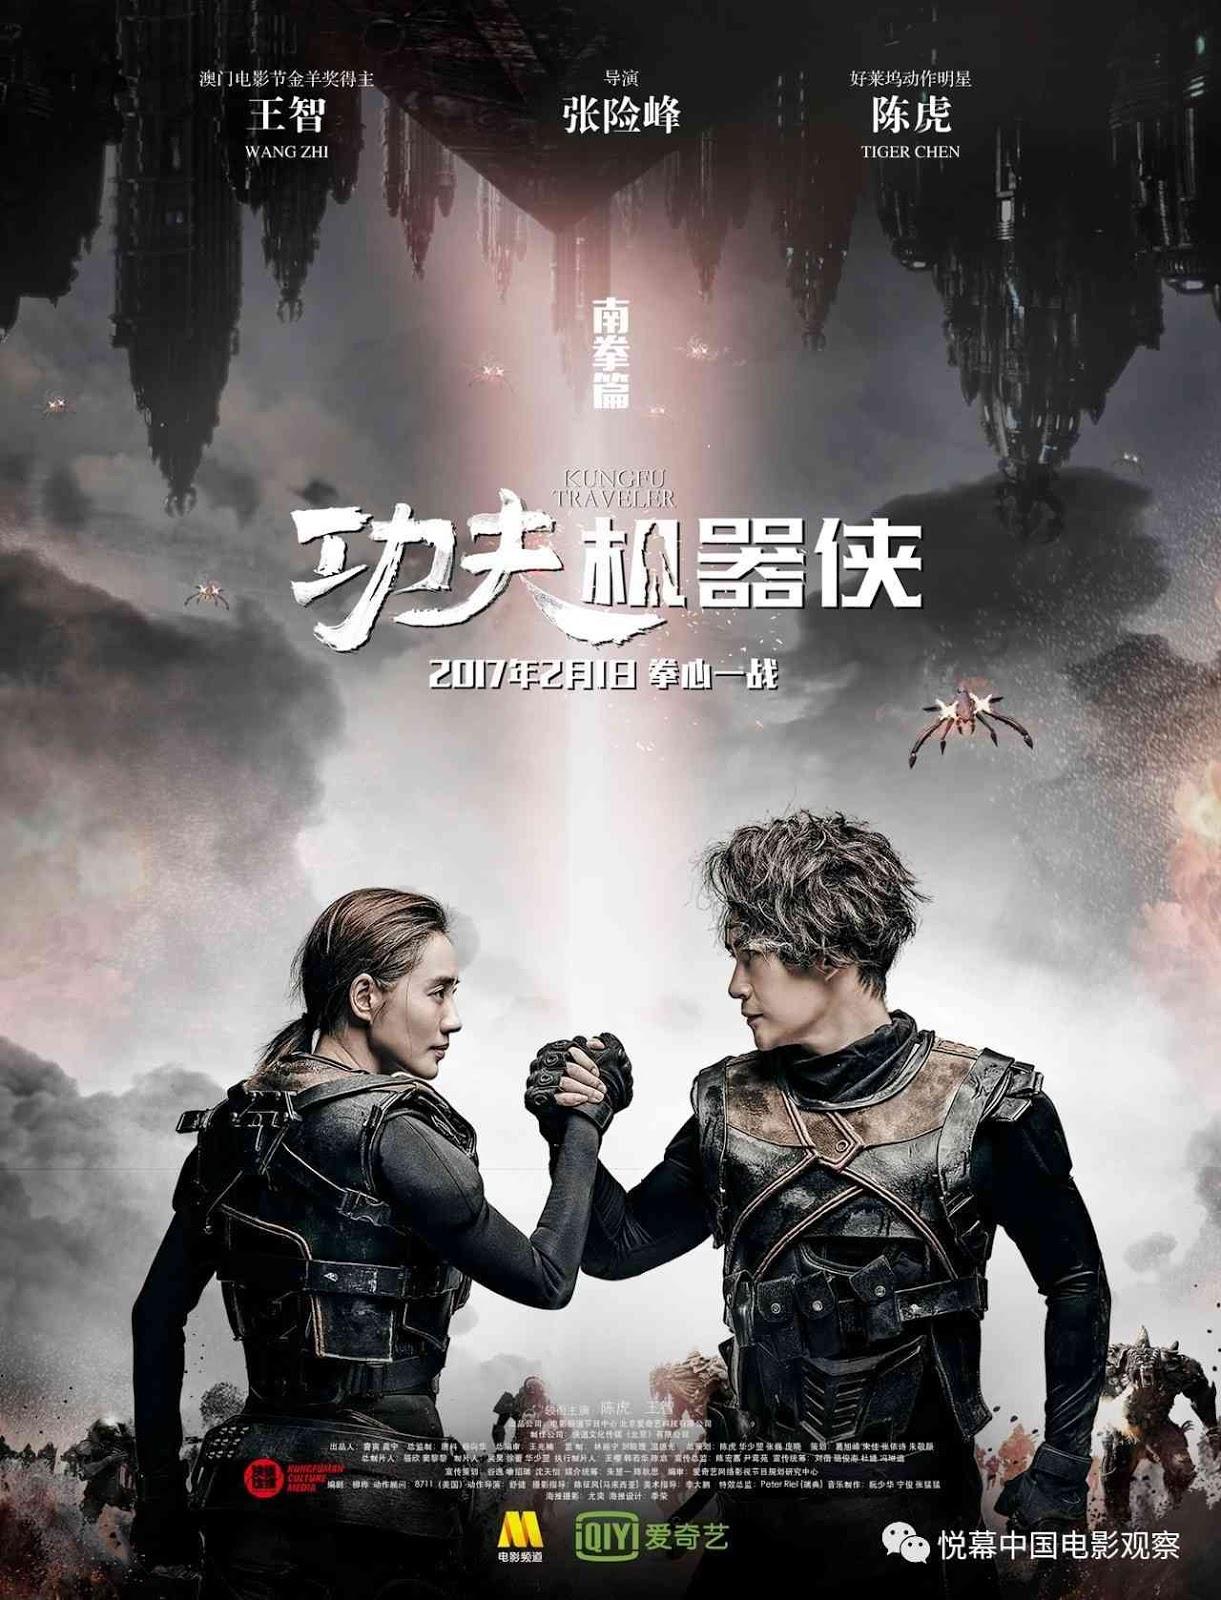 Xem Phim Kung Fu Cơ Khí Hiệp 2017